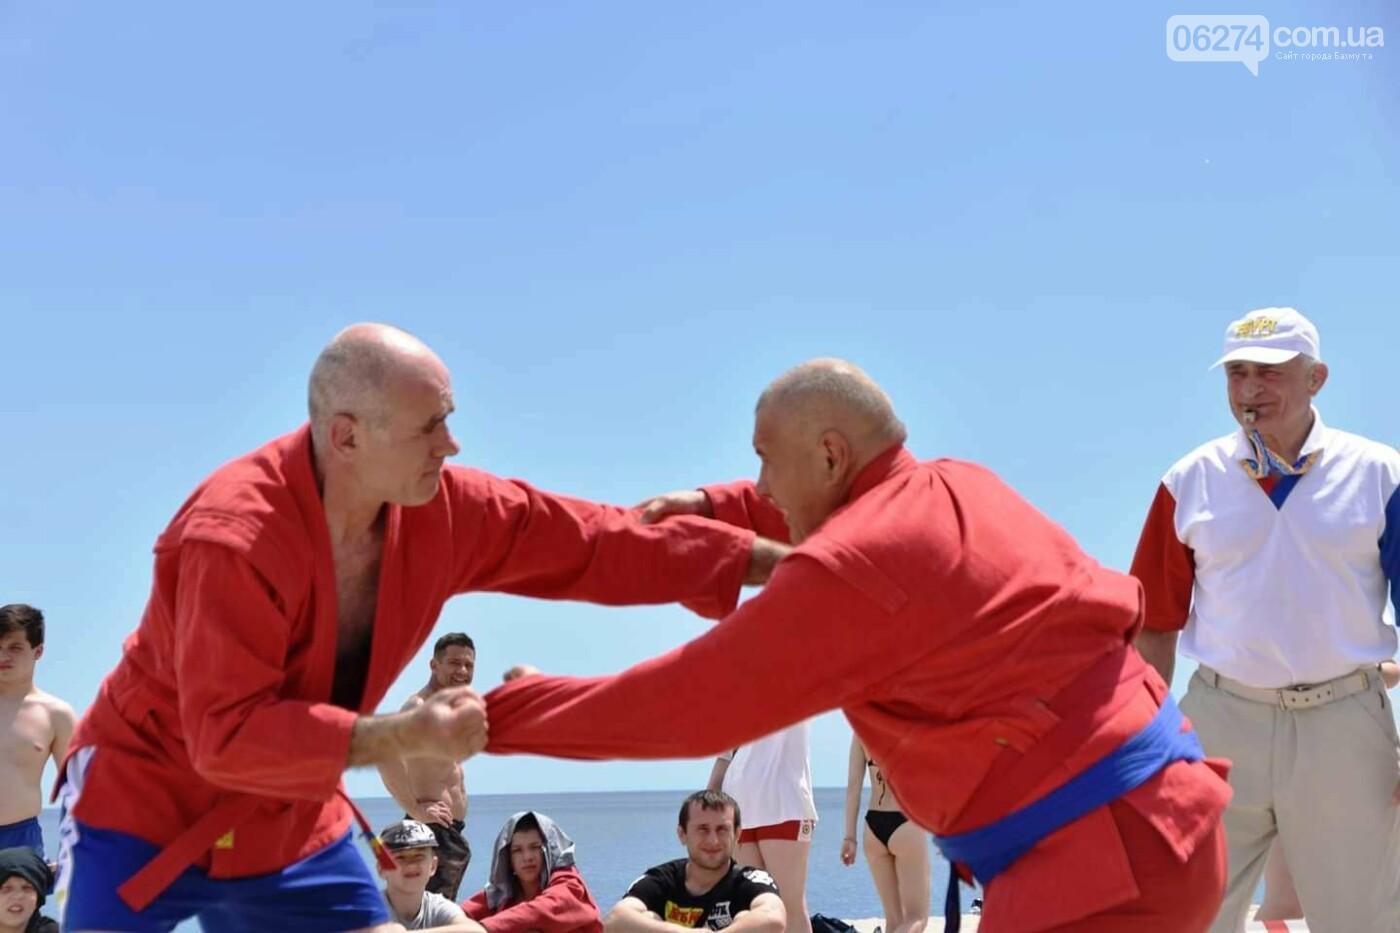 Бахмутчане успешно выступили на Чемпионате Украины по пляжному самбо, фото-1